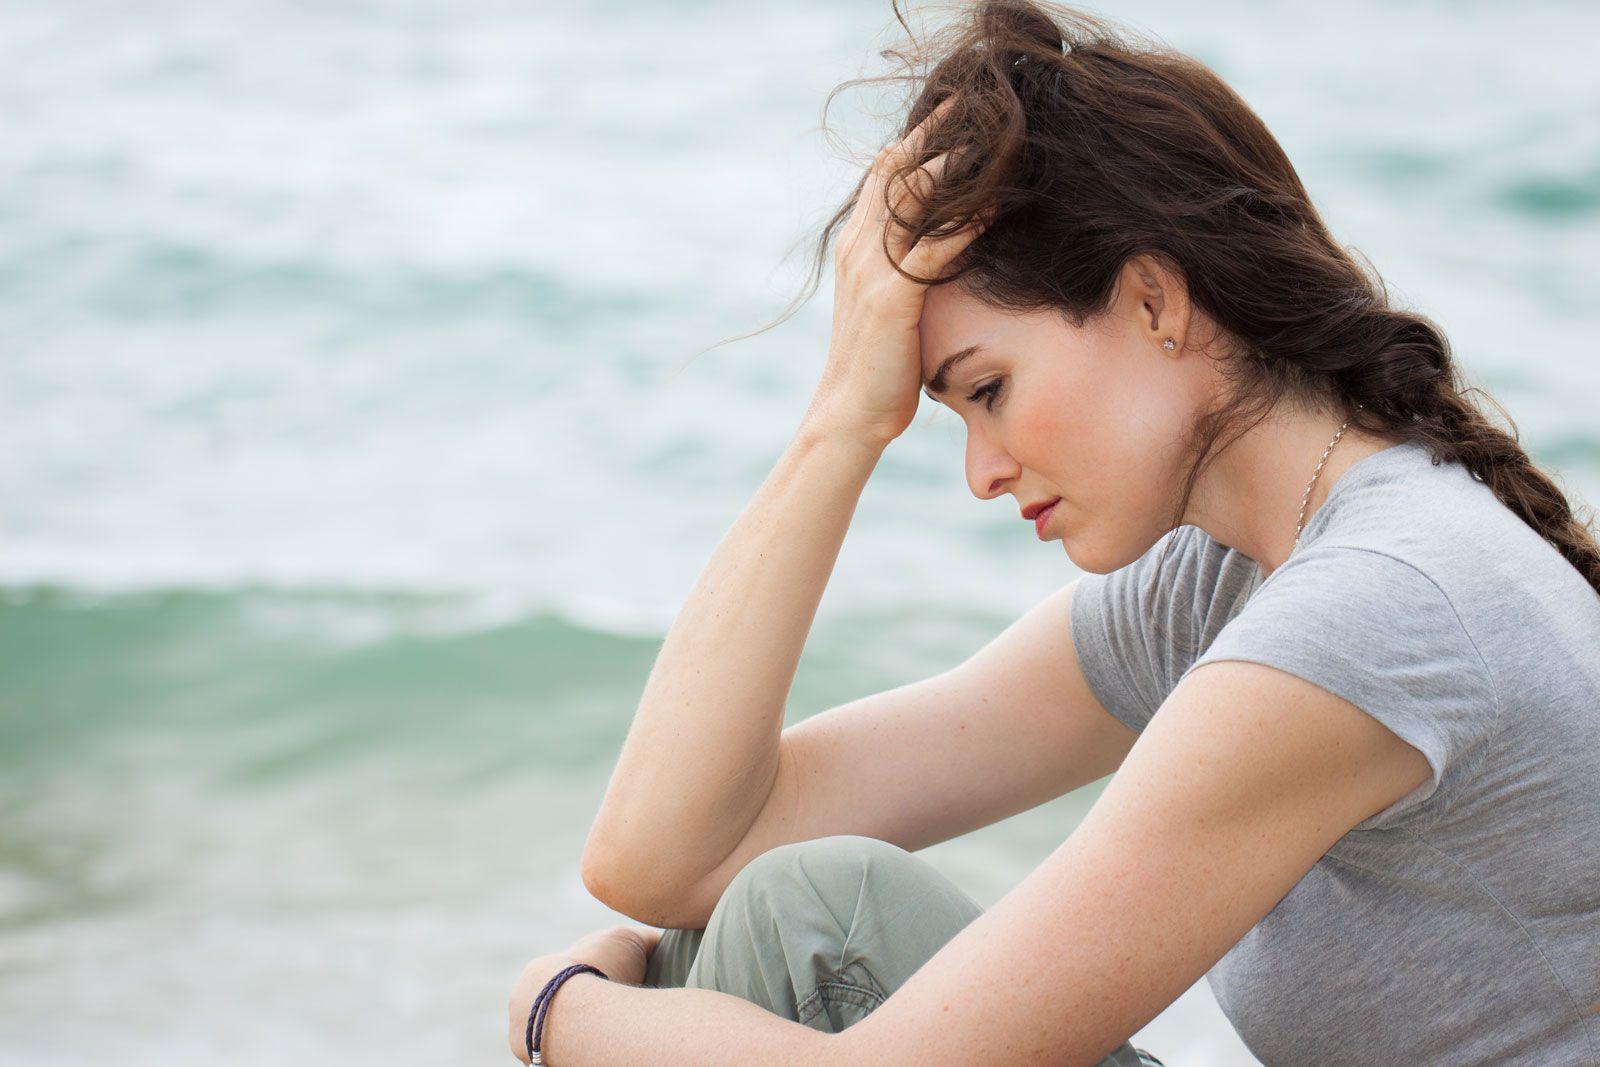 Sindrome premestruale: sintomi debilitanti, alimentazione per combatterla